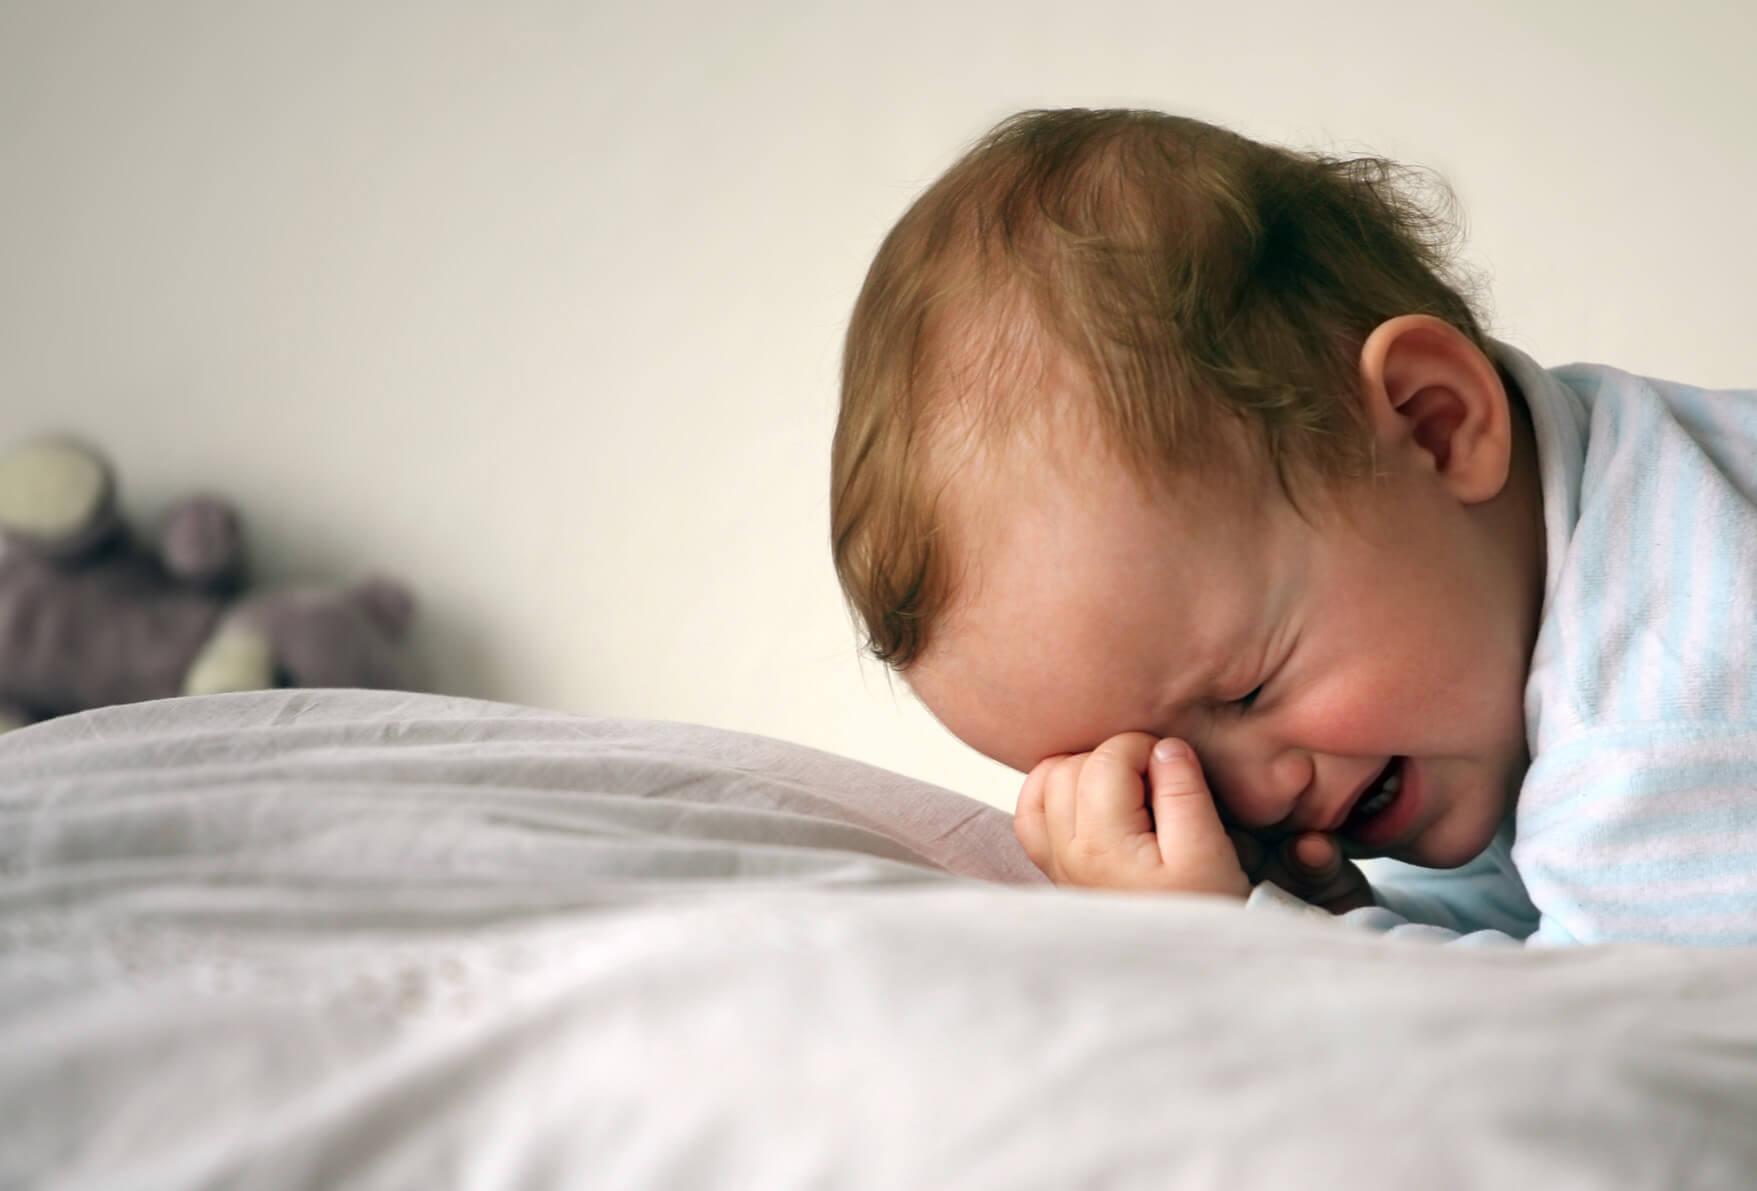 термобелье плакать во сне и проснутбсч плачущим отстирать гудрон одежды